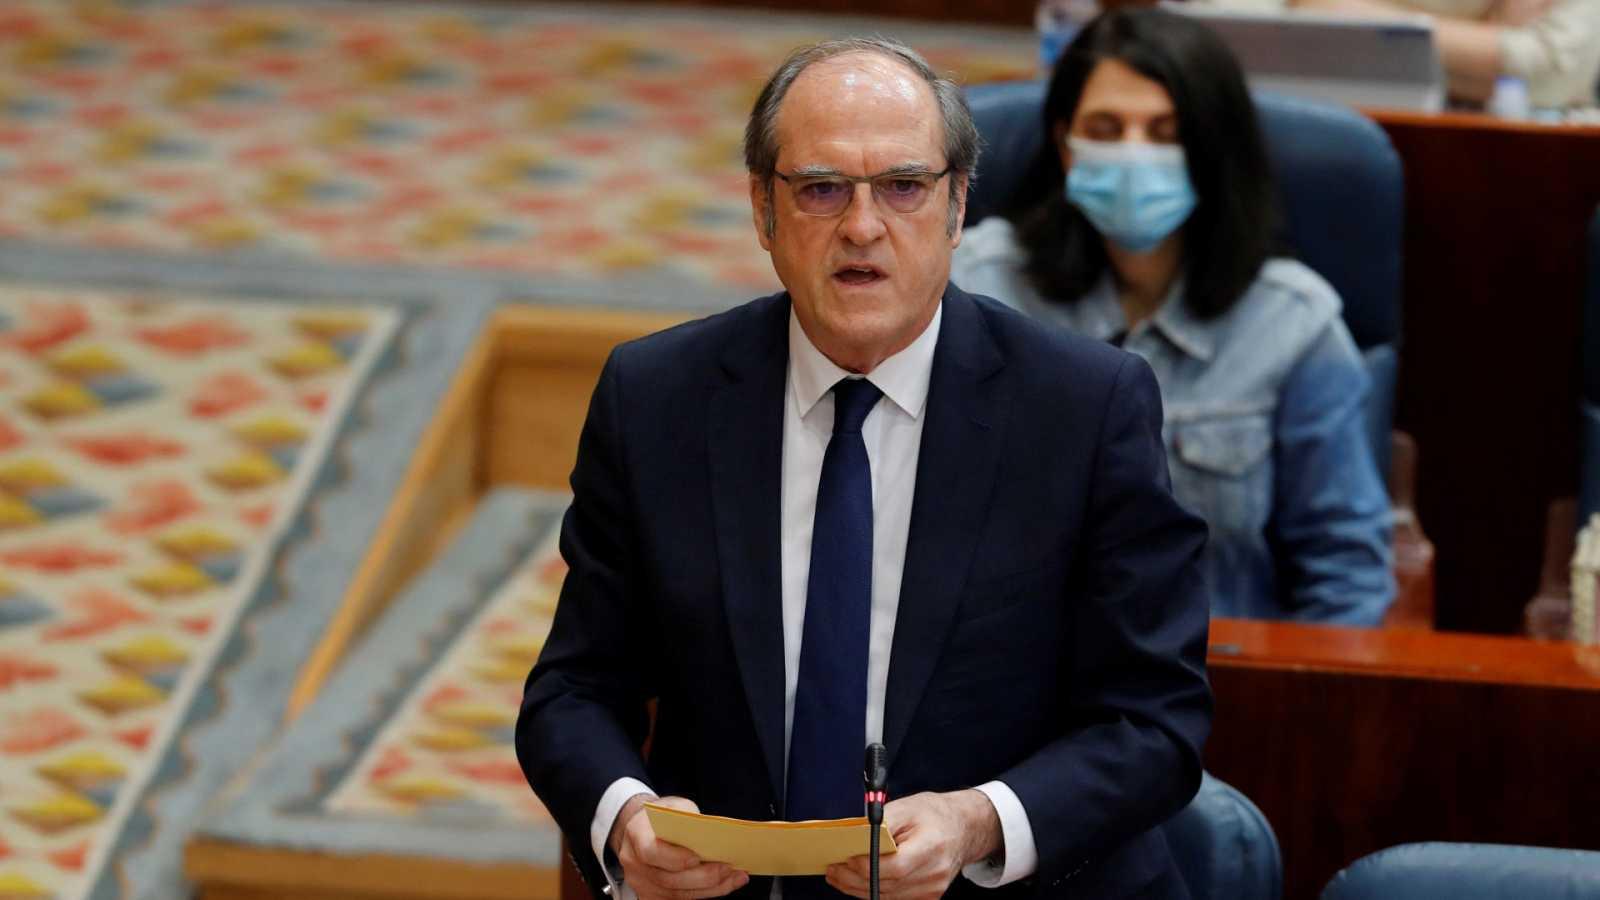 """Gabilondo cree que el Gobierno de Ayuso es """"fallido y censurable"""" pero aclara: """"No estamos en eso ahora"""""""